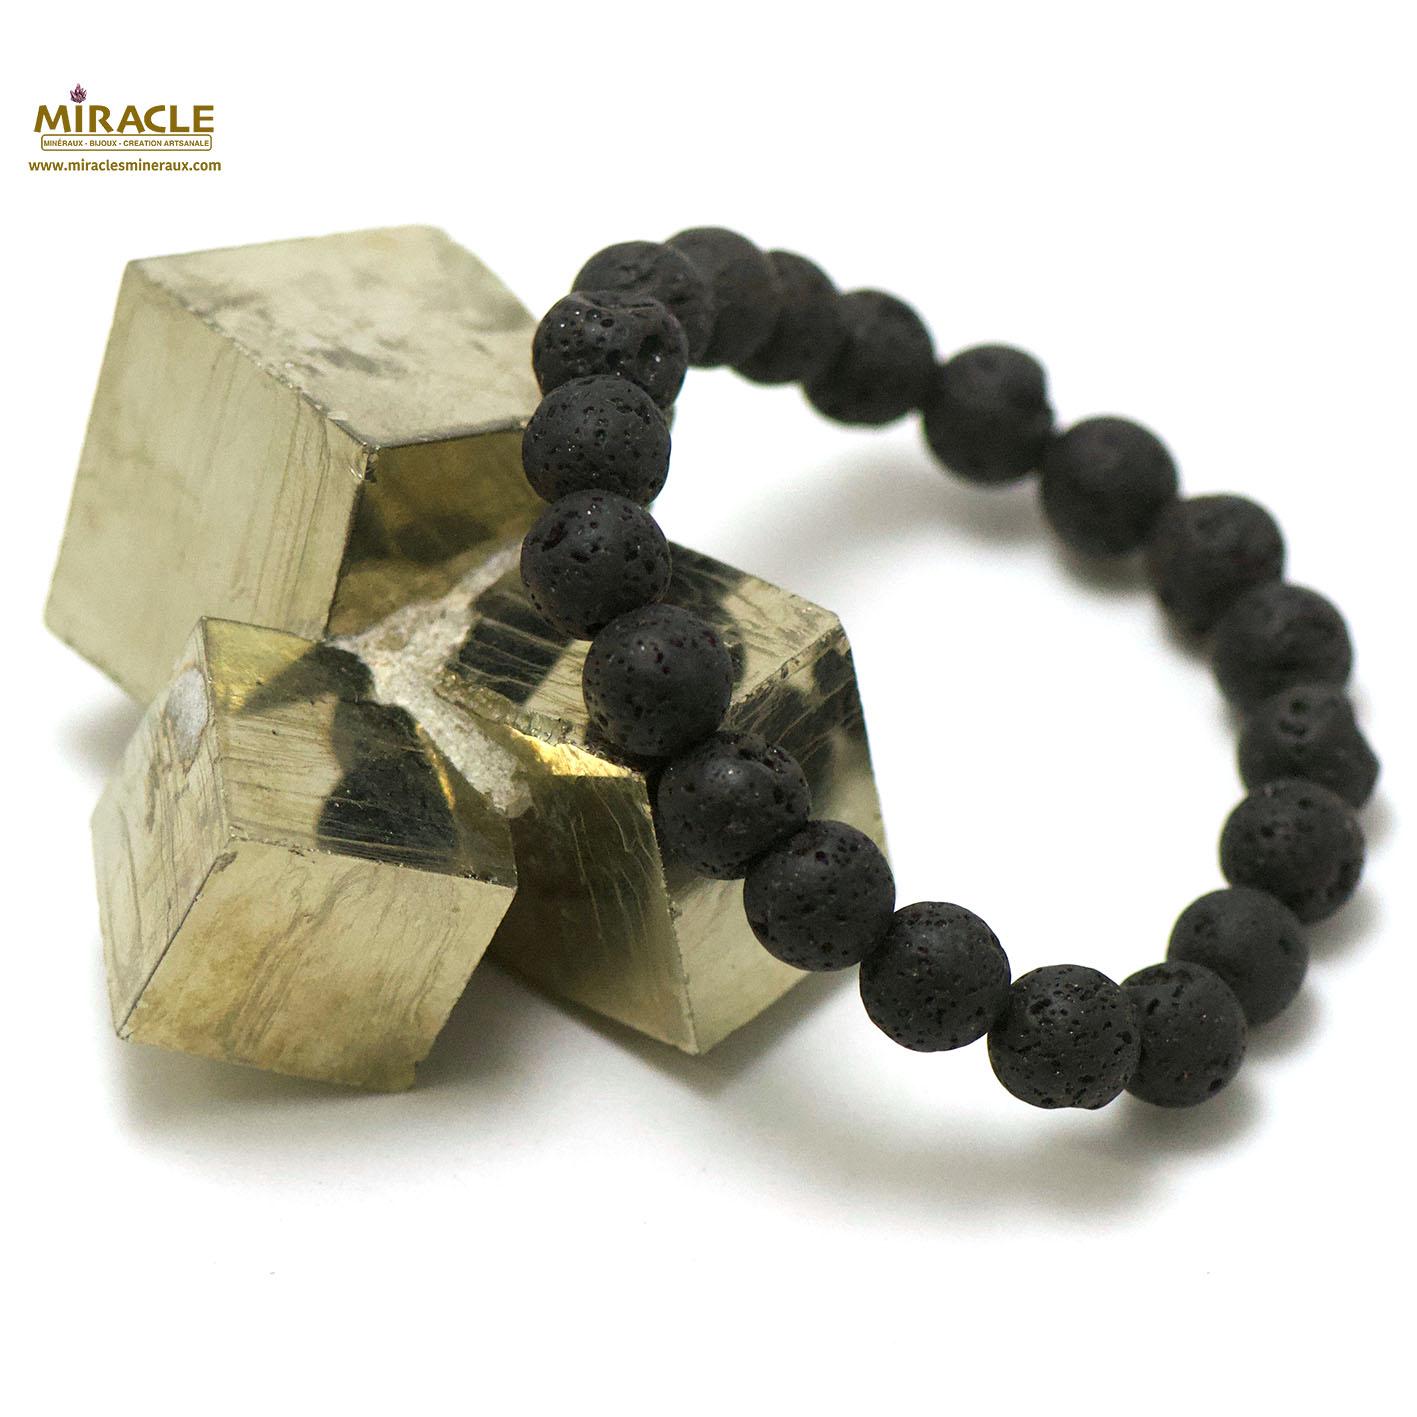 bracelet pierre de lave (roche volcanique), perle ronde 10 mm